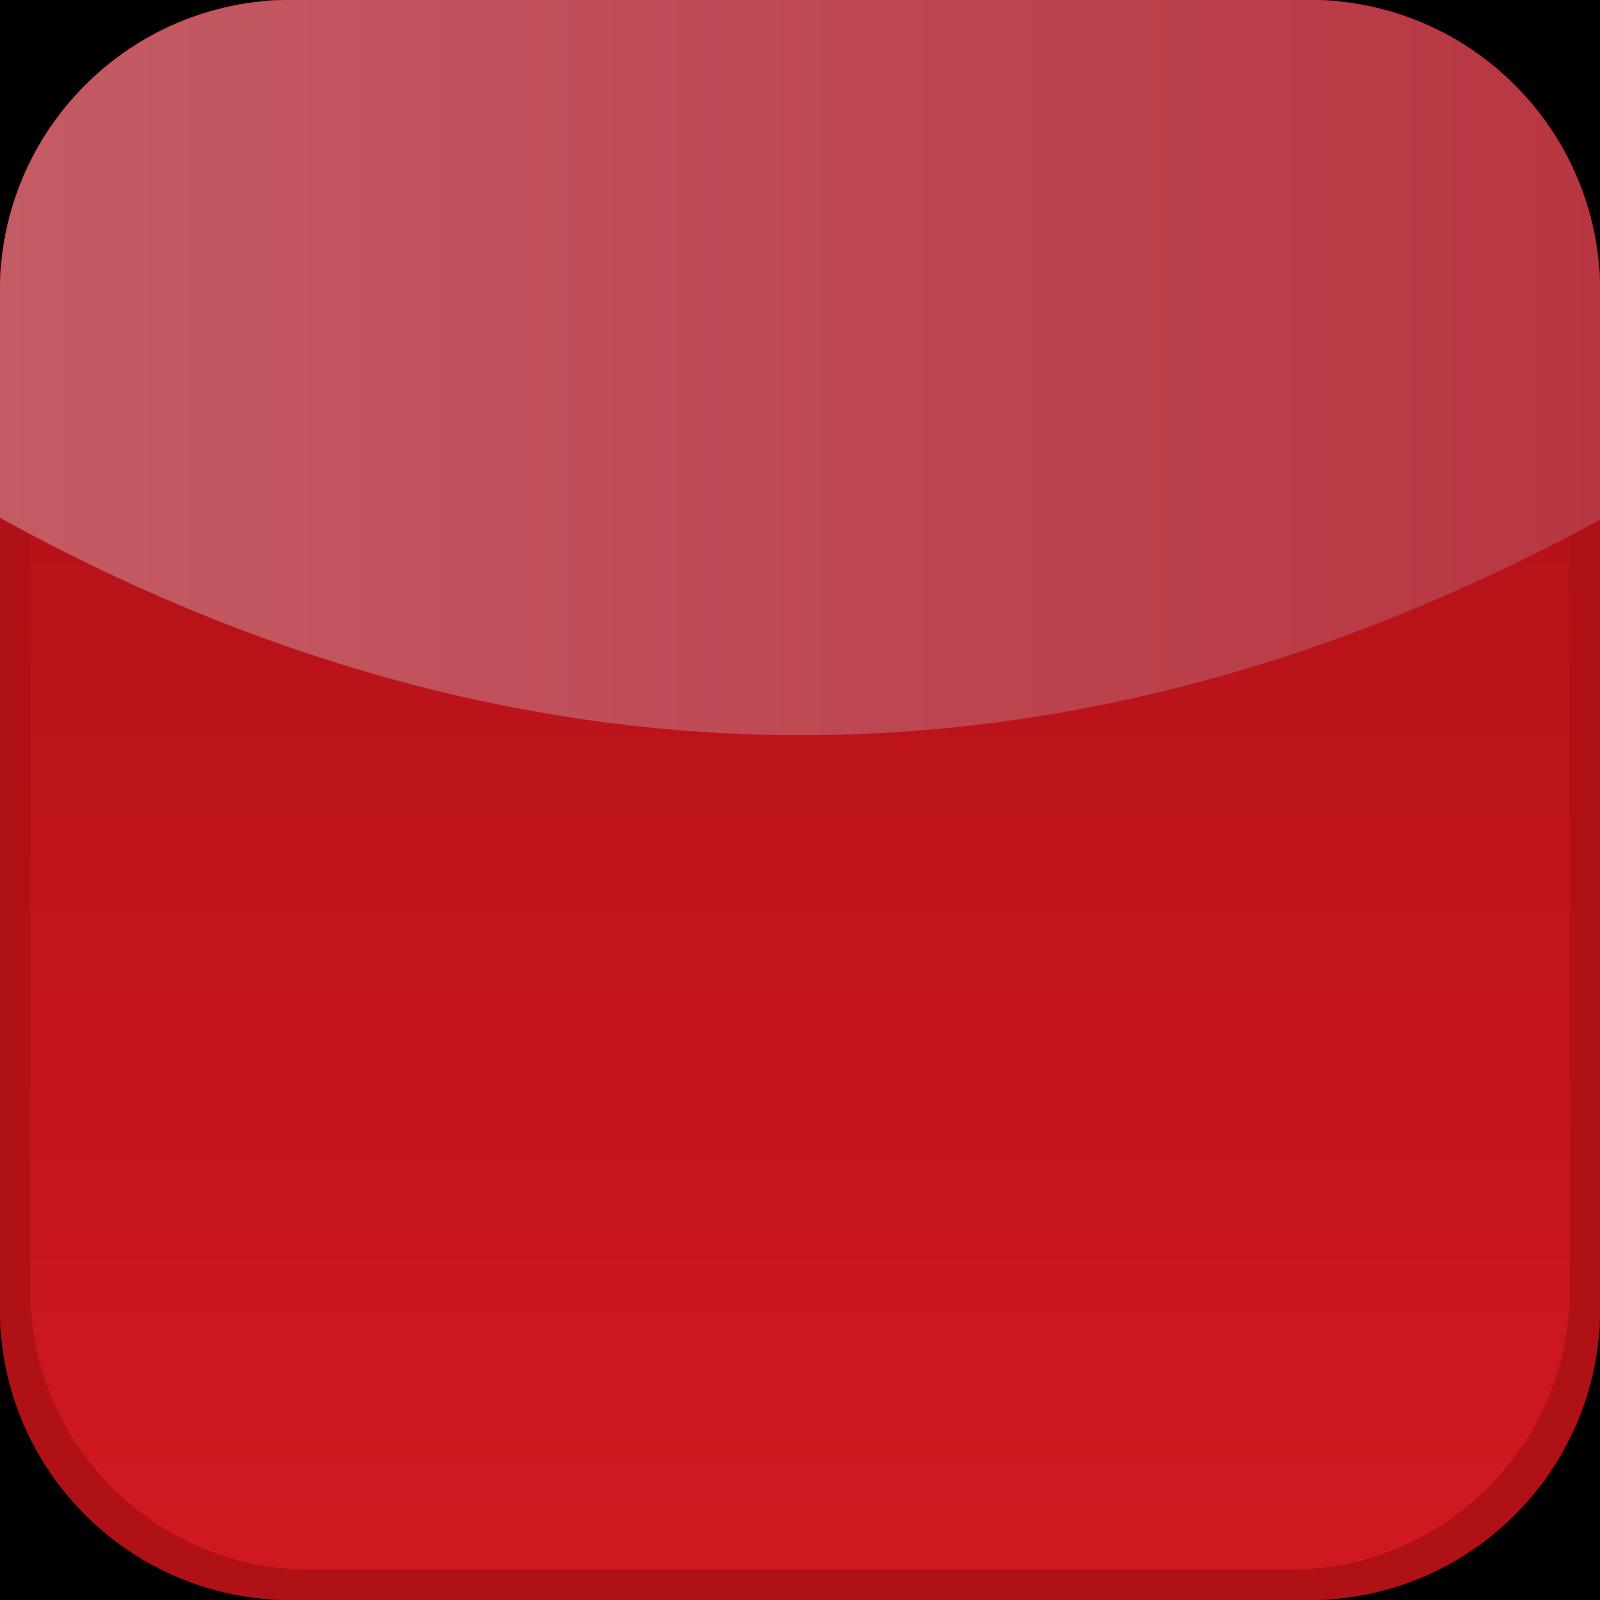 Red Close Button Hover - 336699 SVG Clip arts